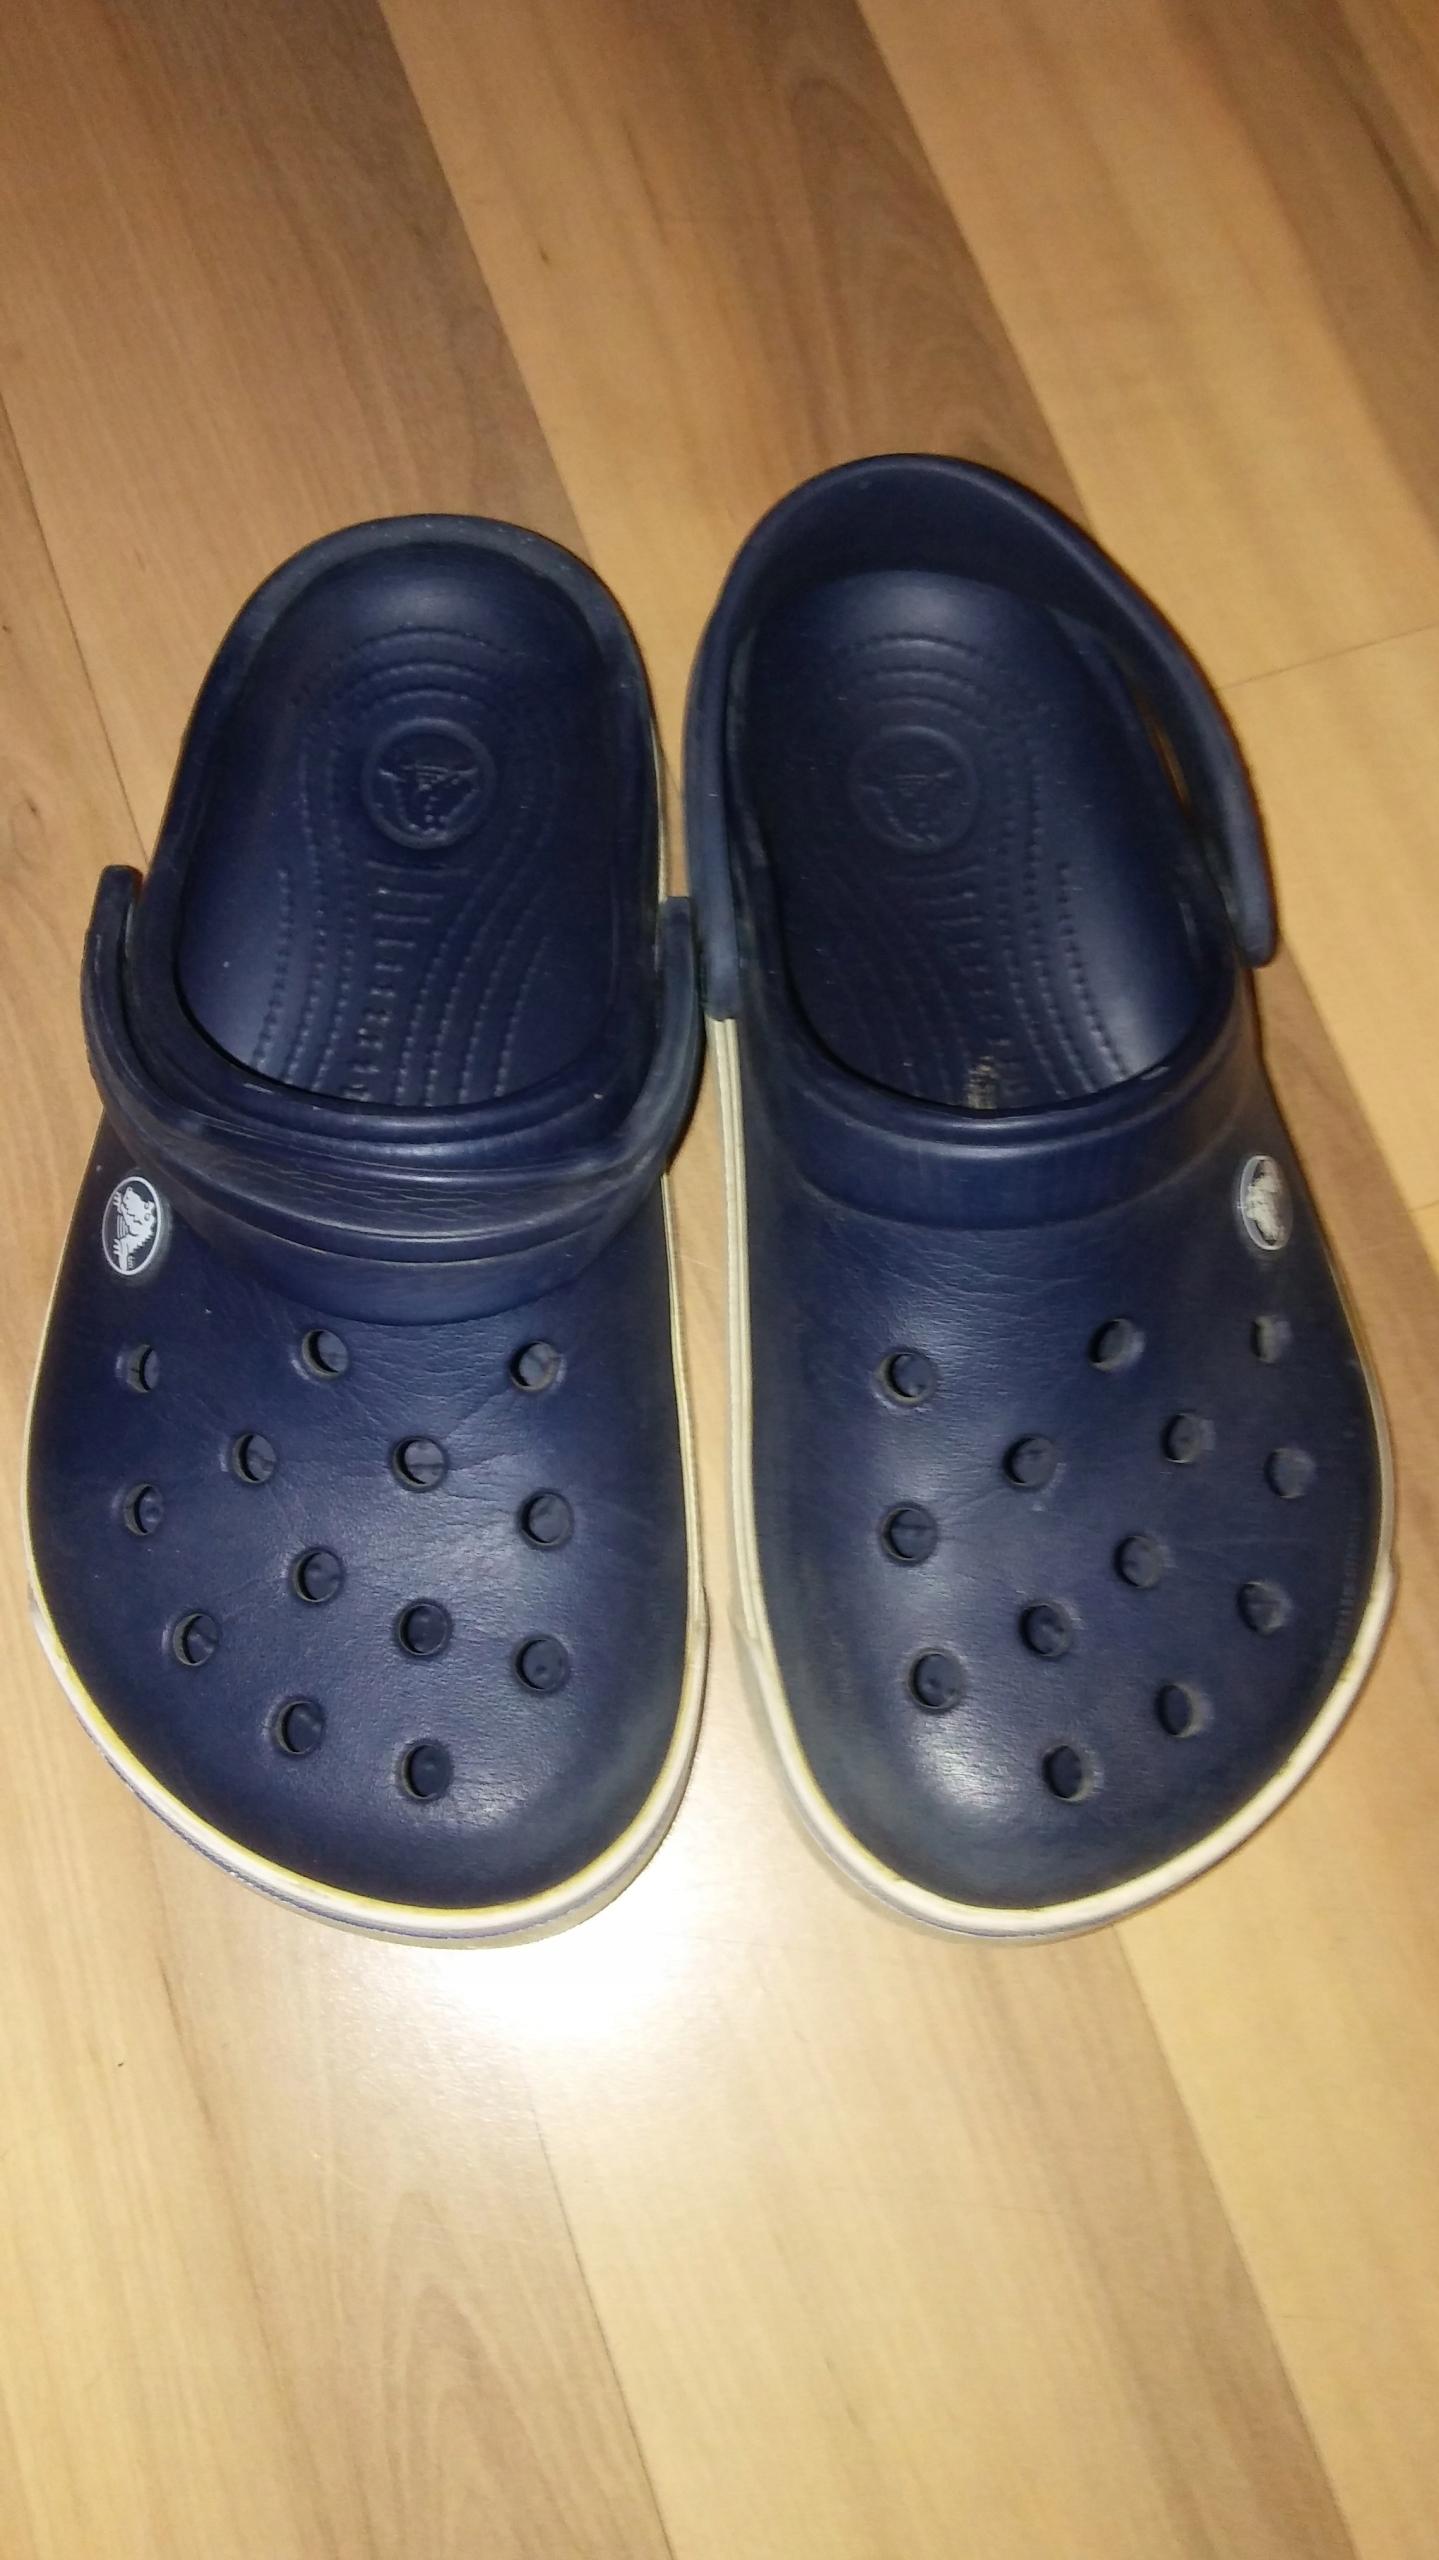 dostępny buty na codzień ładne buty Klapki Crocs, rozm. 34-35 (J3)